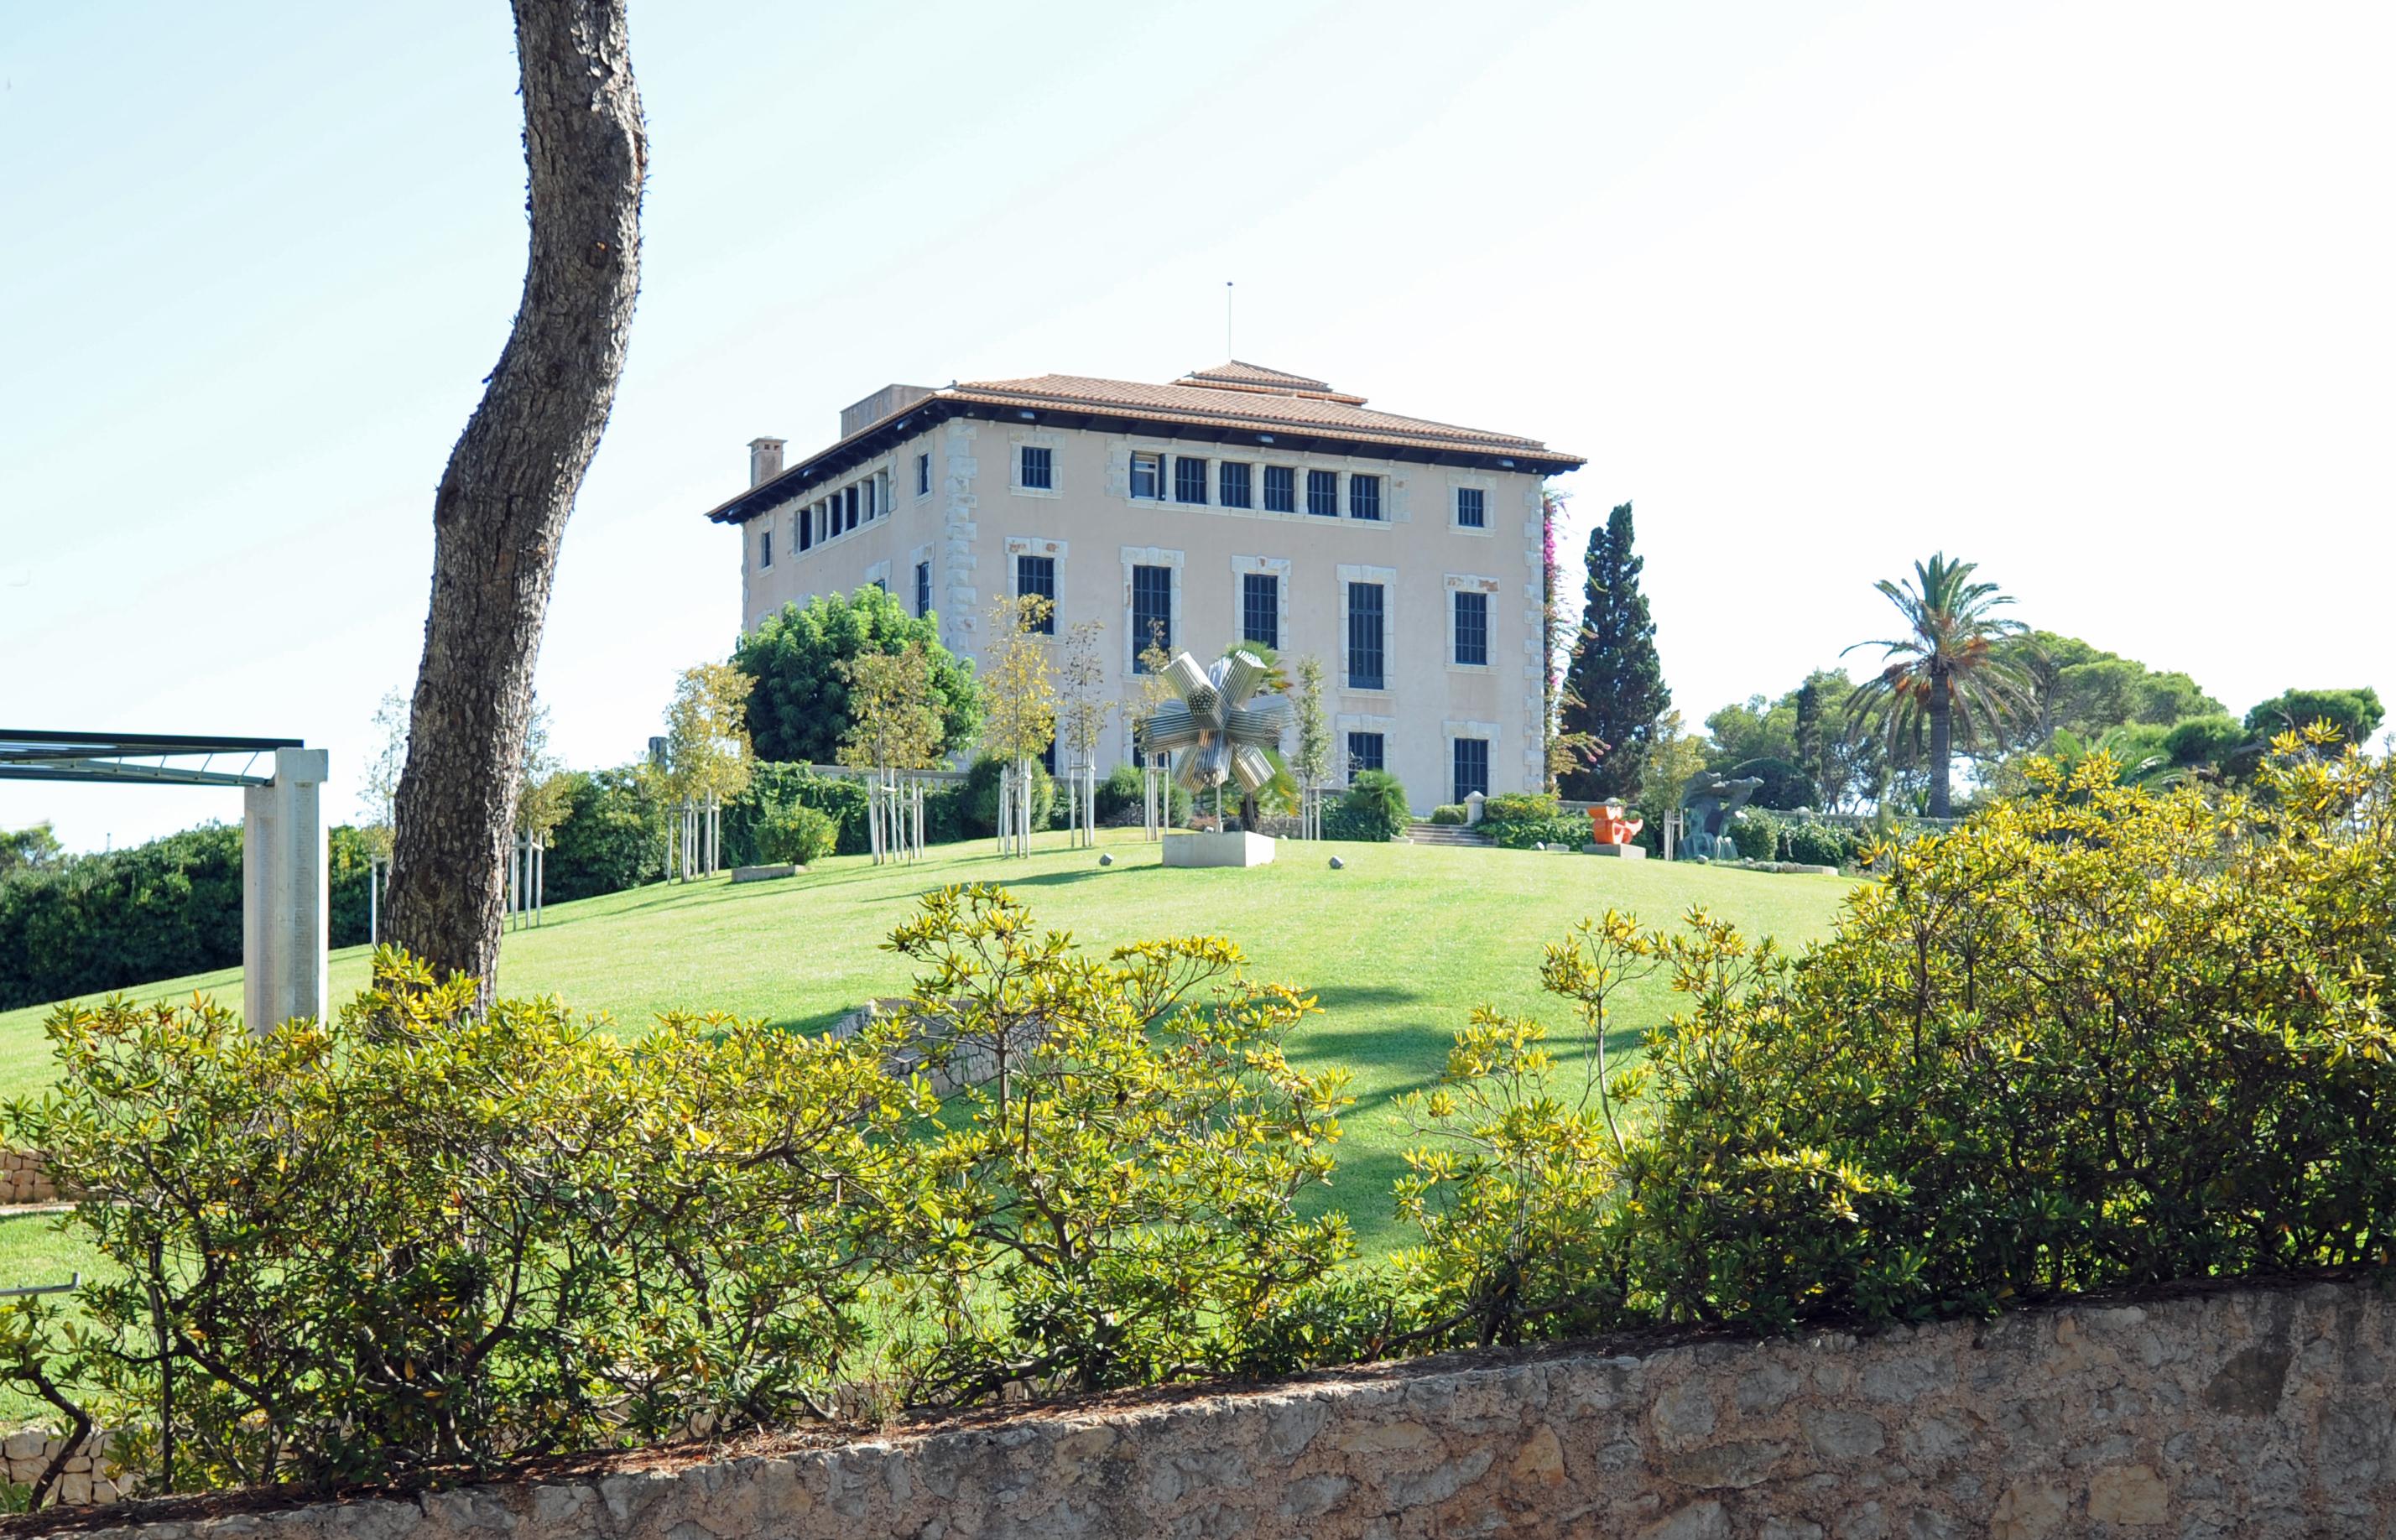 Das Dorf Cala Rajada in Mallorca - Sa Torre Cega